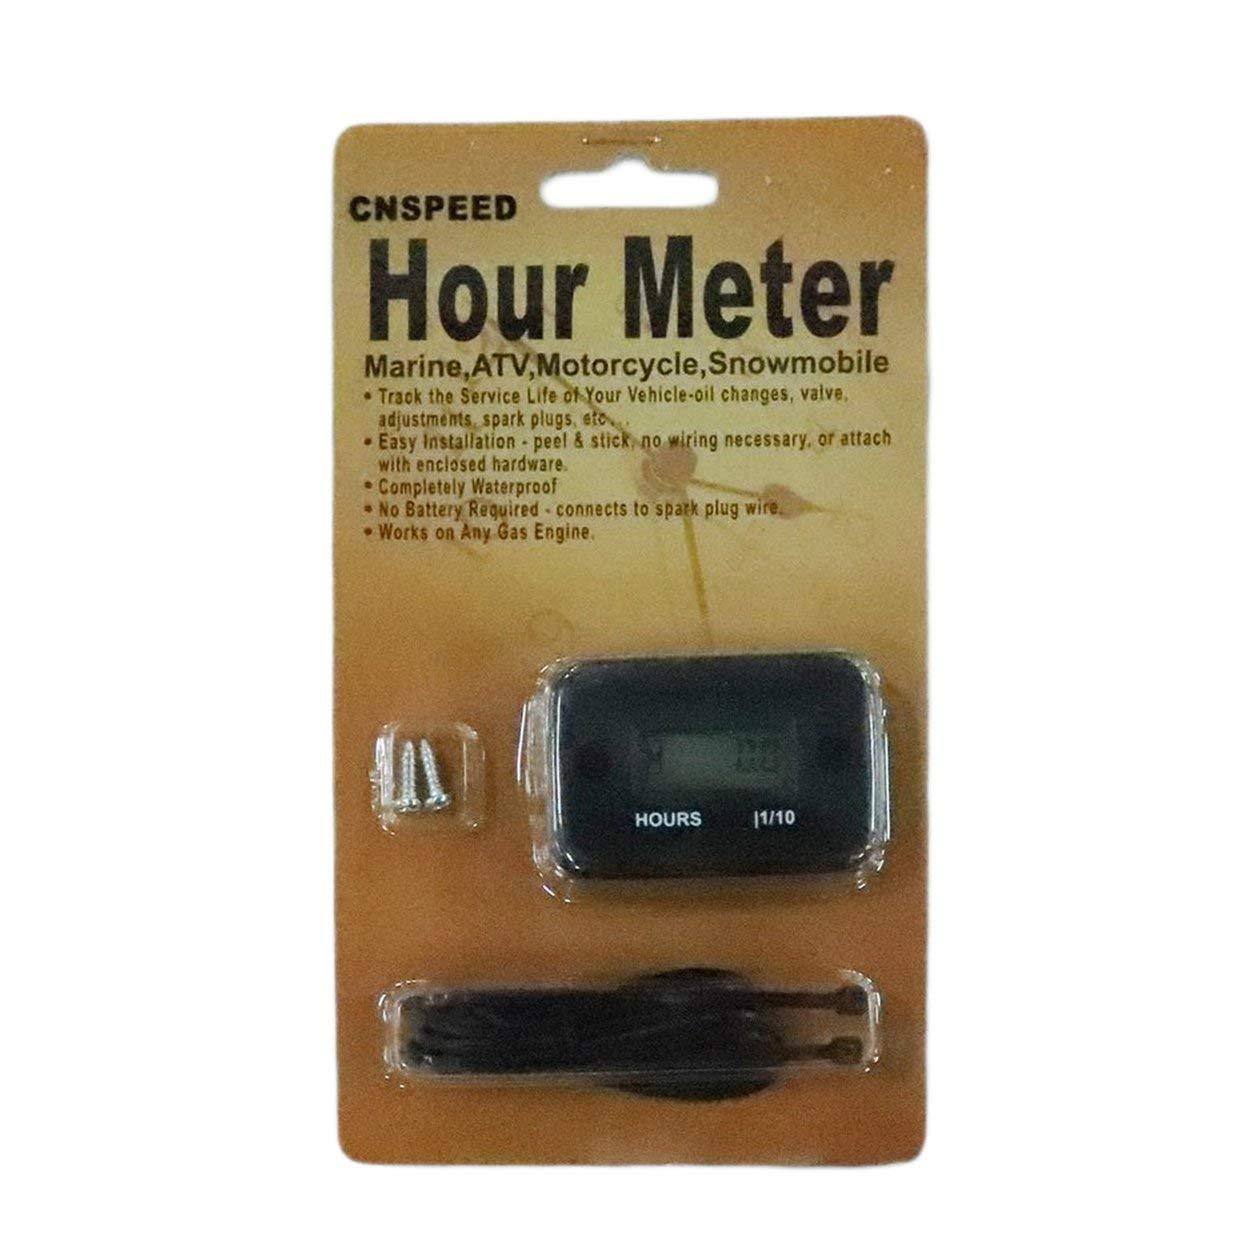 Boat Engine Parts Waterproof Digital LCD Display Hour Meter For